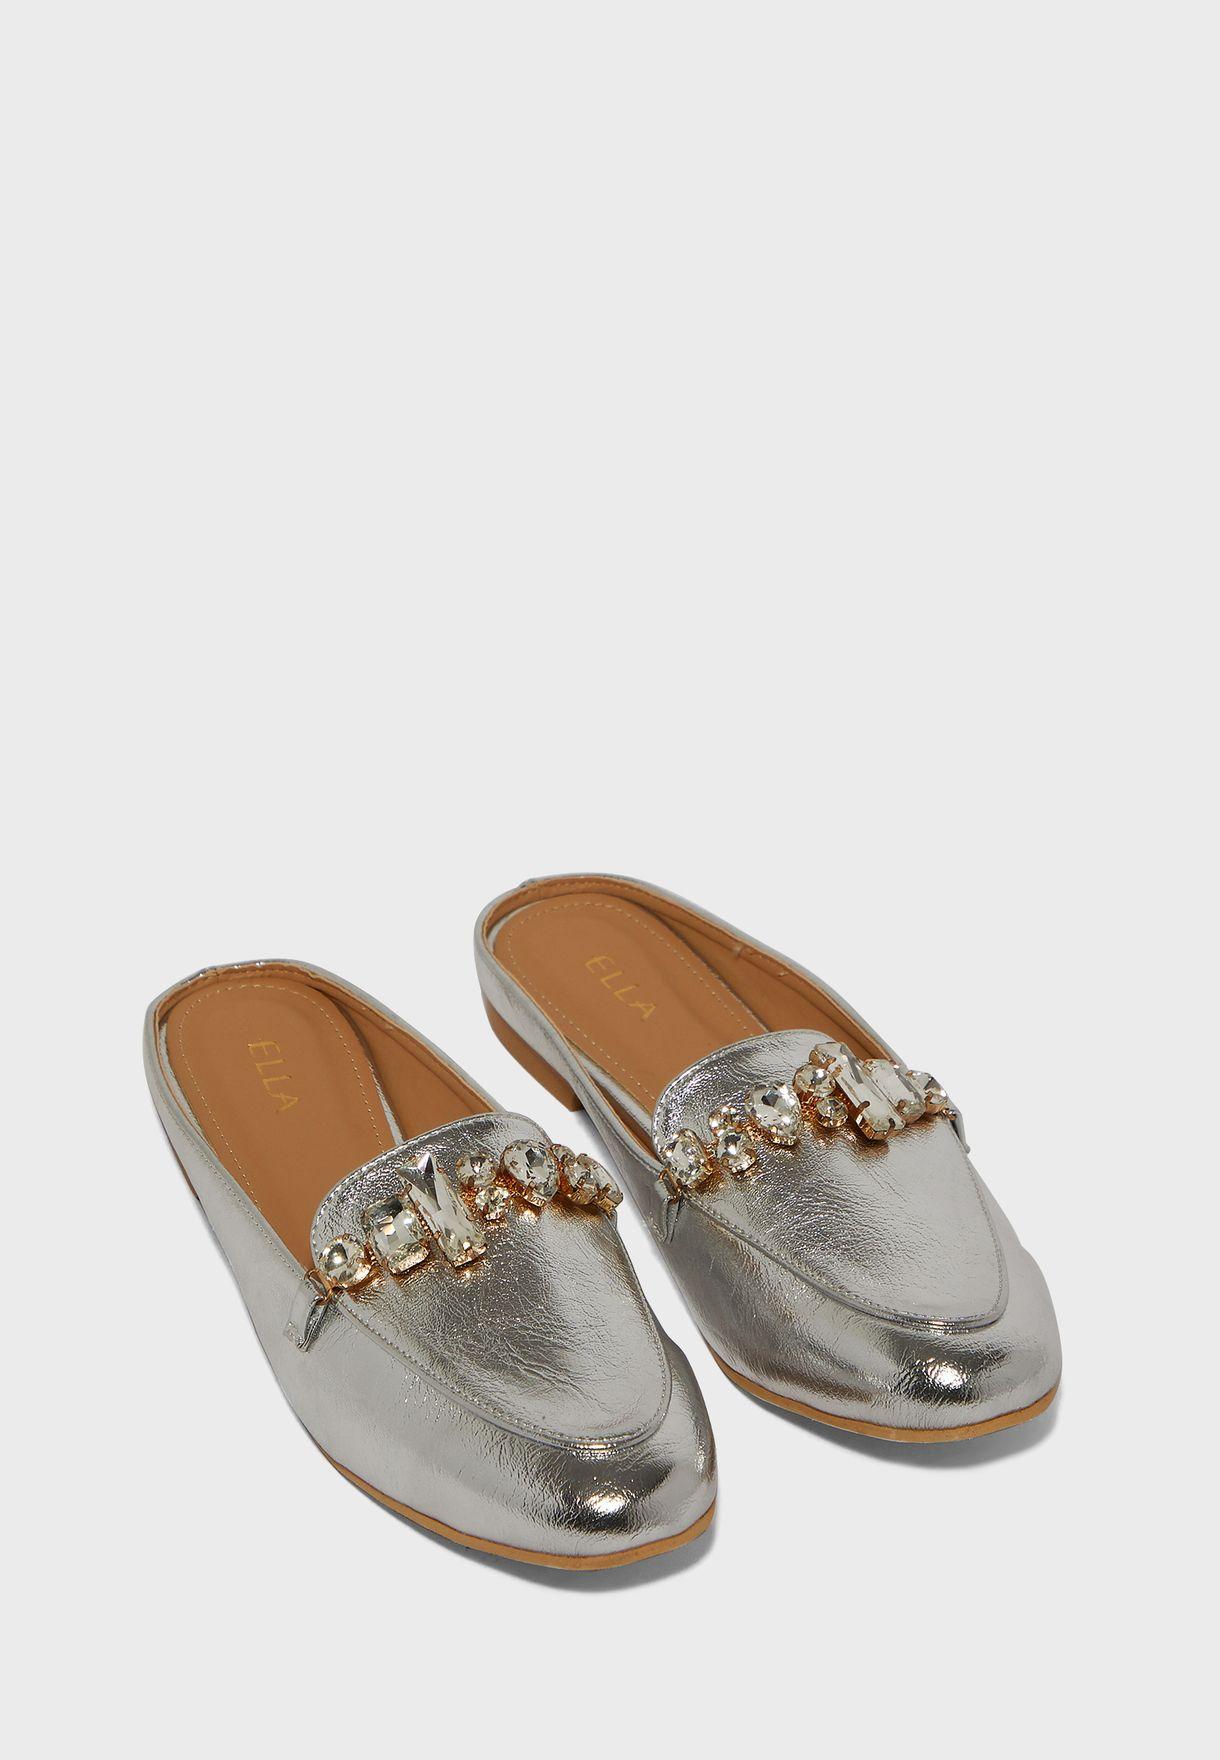 حذاء ميتاليك سهل الارتداء